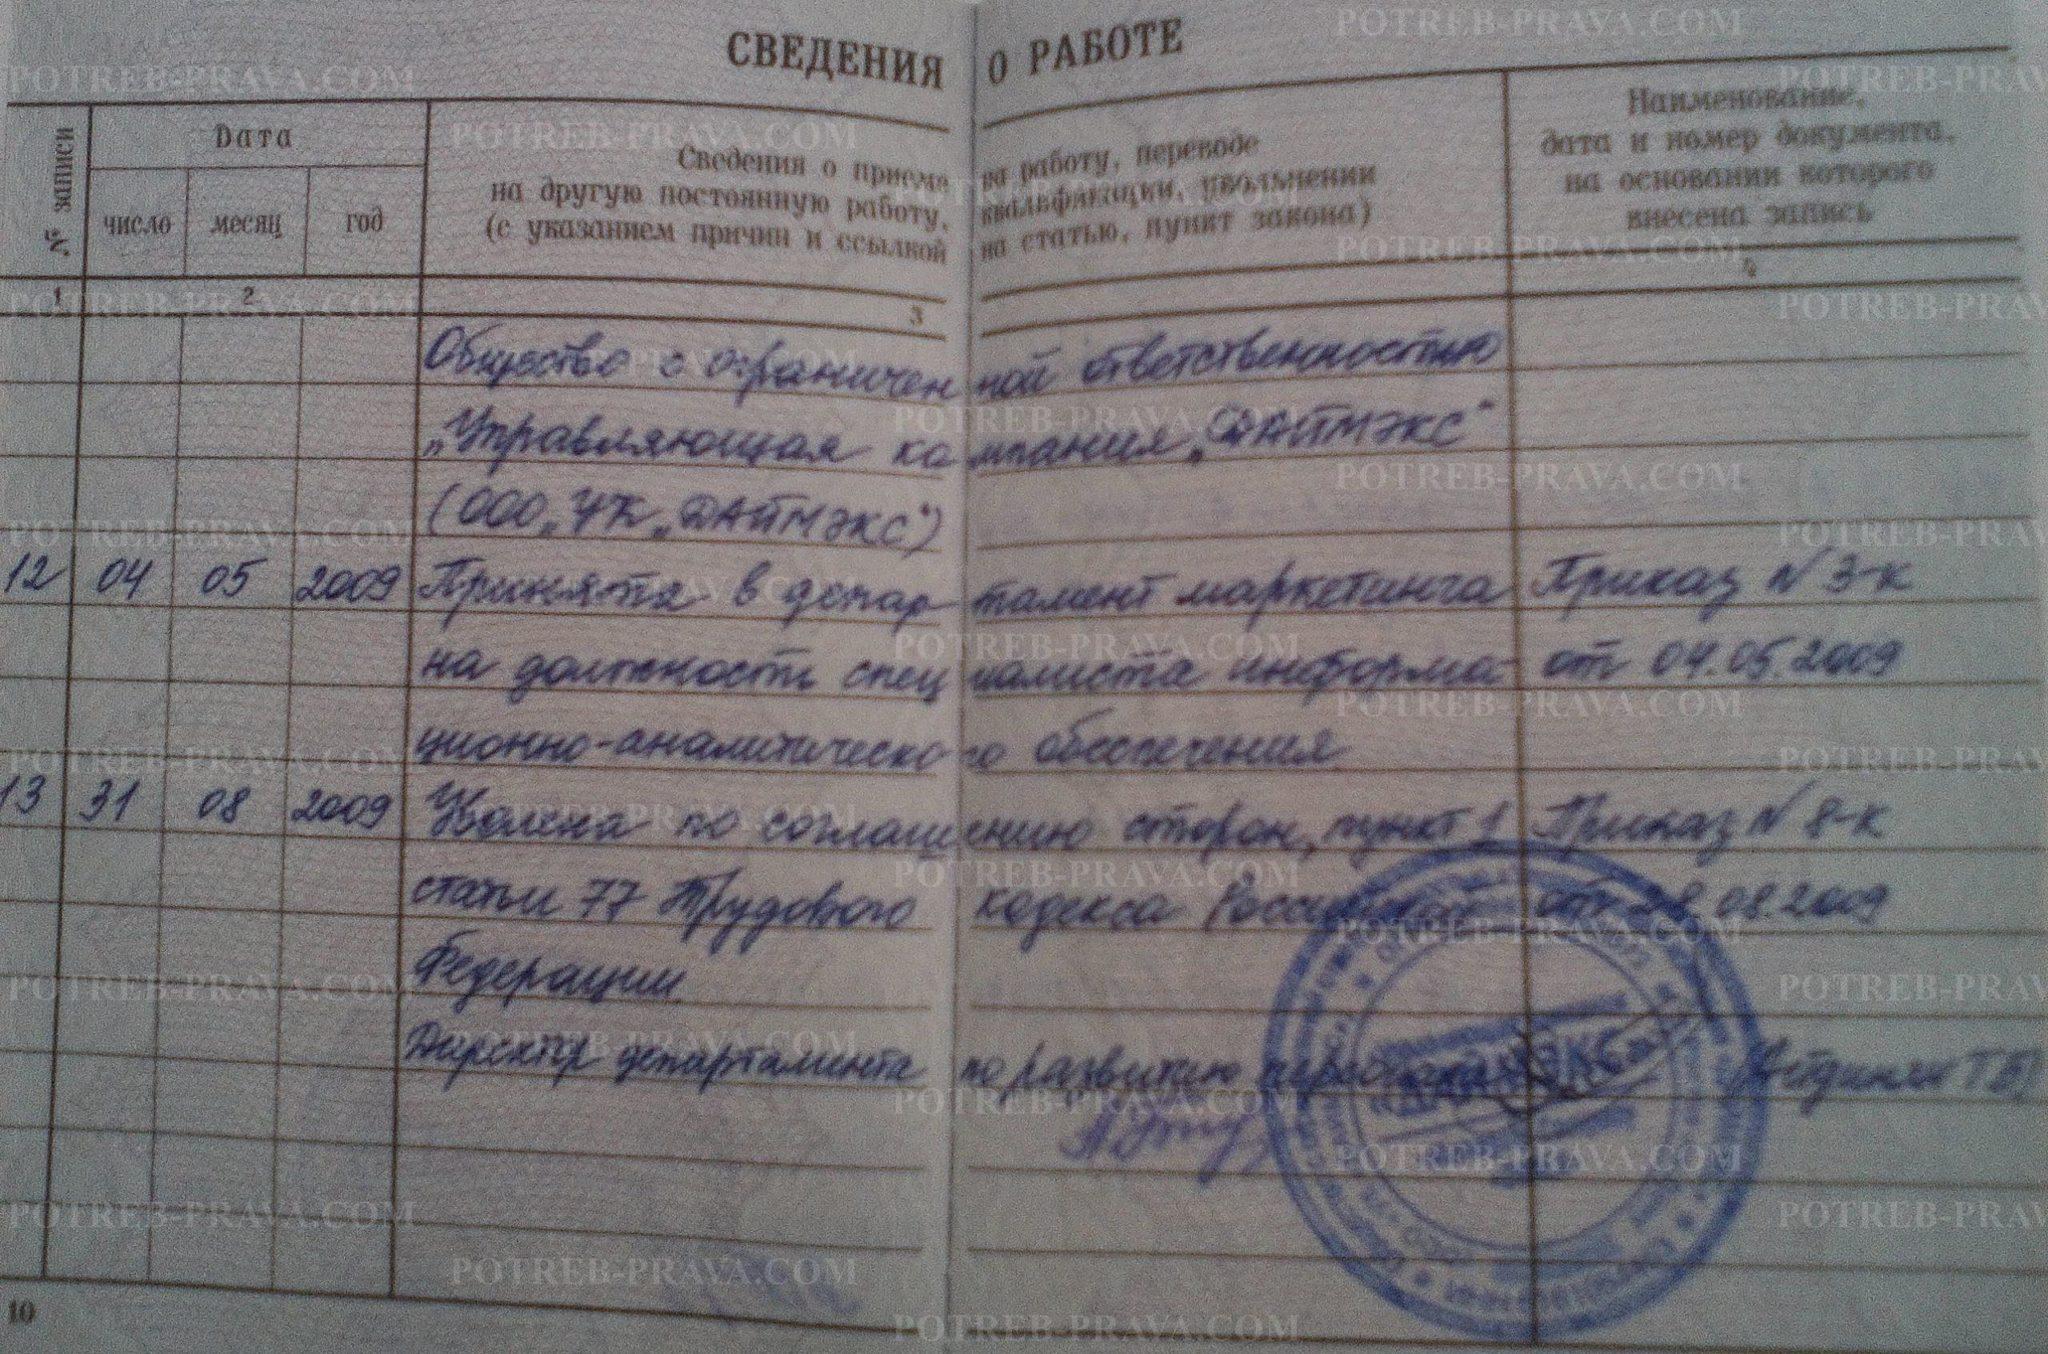 Образец записи в трудовой книжке об увольнении по соглашению сторон